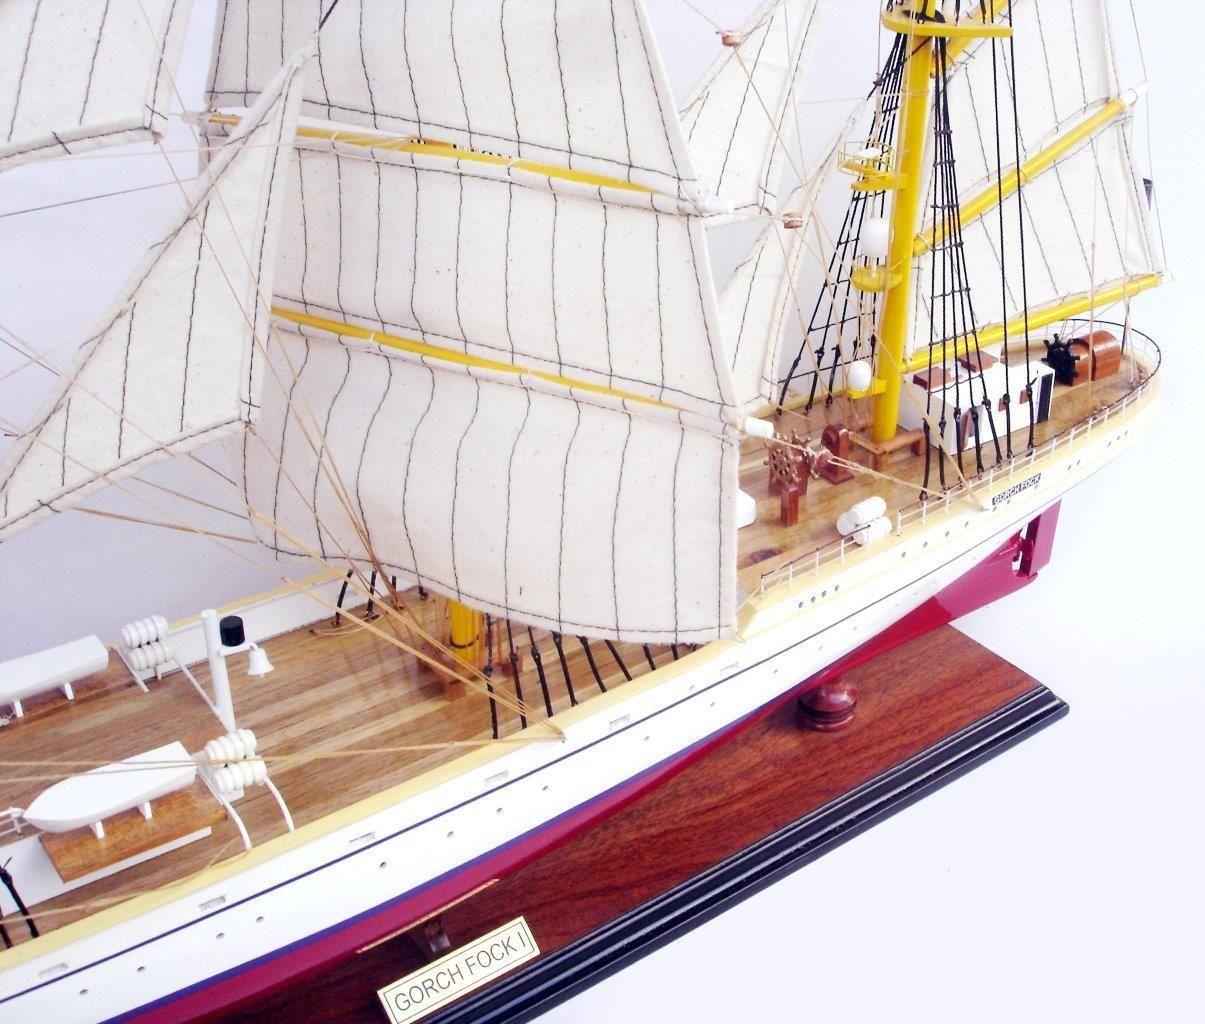 2068-12545-Gorch-Fock-II-Model-Boat